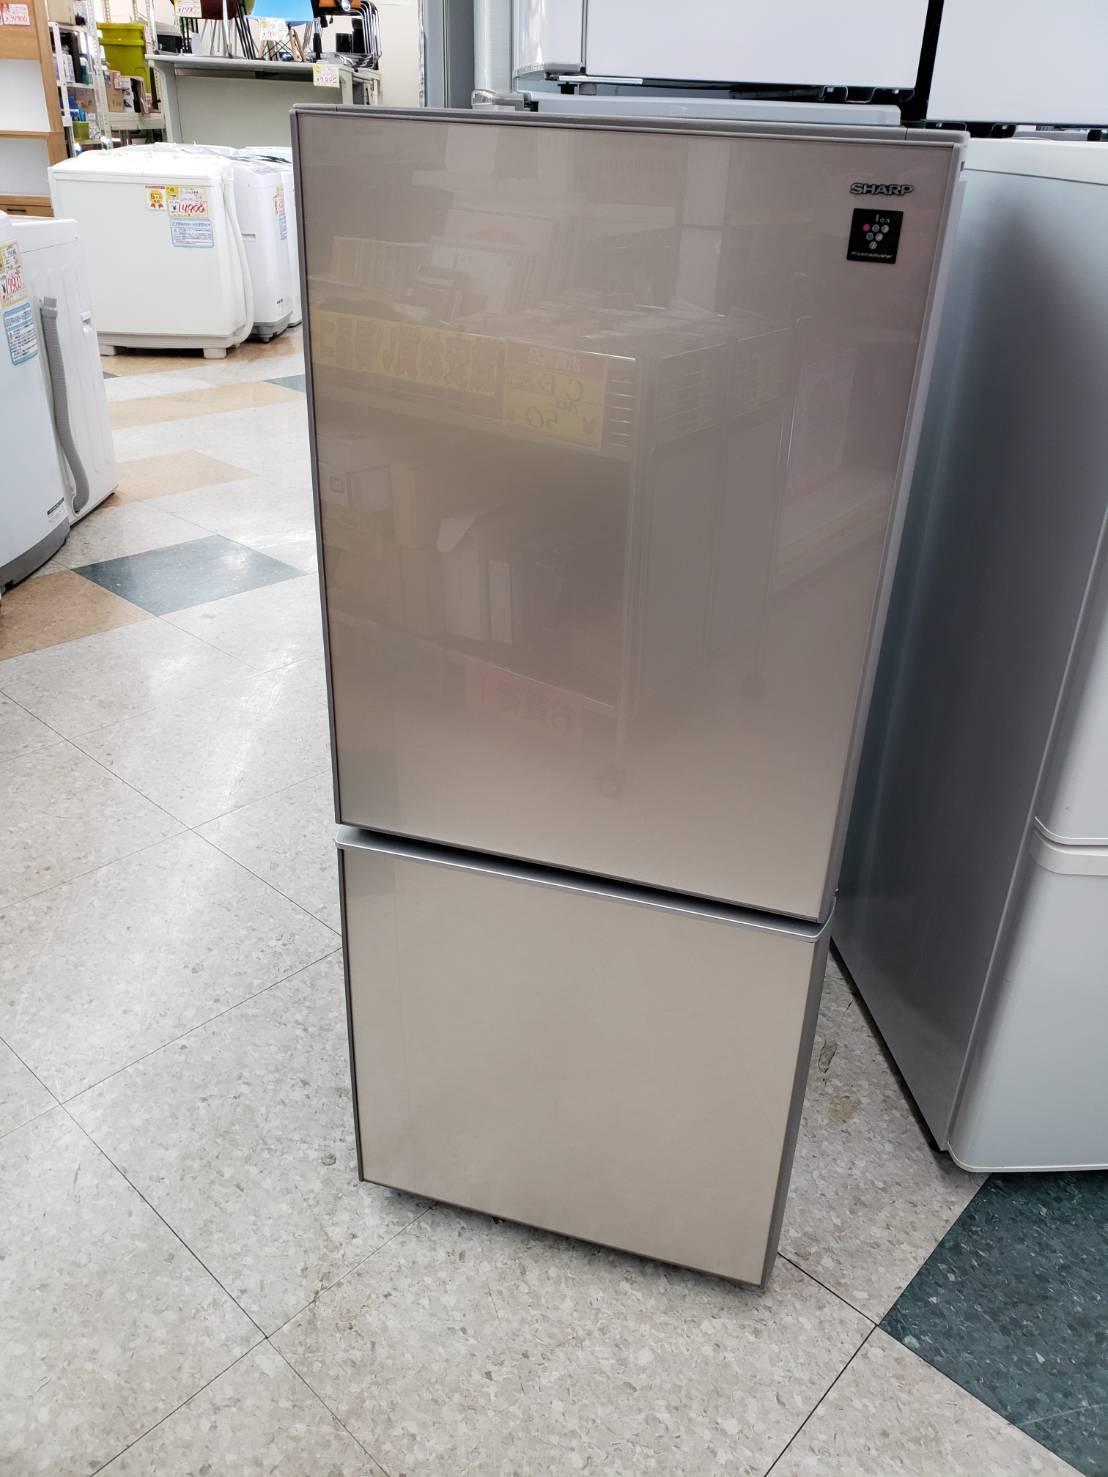 【SHARP(シャープ) / プラズマクラスター / 137L冷蔵庫 / 2017年式 / SJ-GD14C-C】買取させて頂きました!の買取-